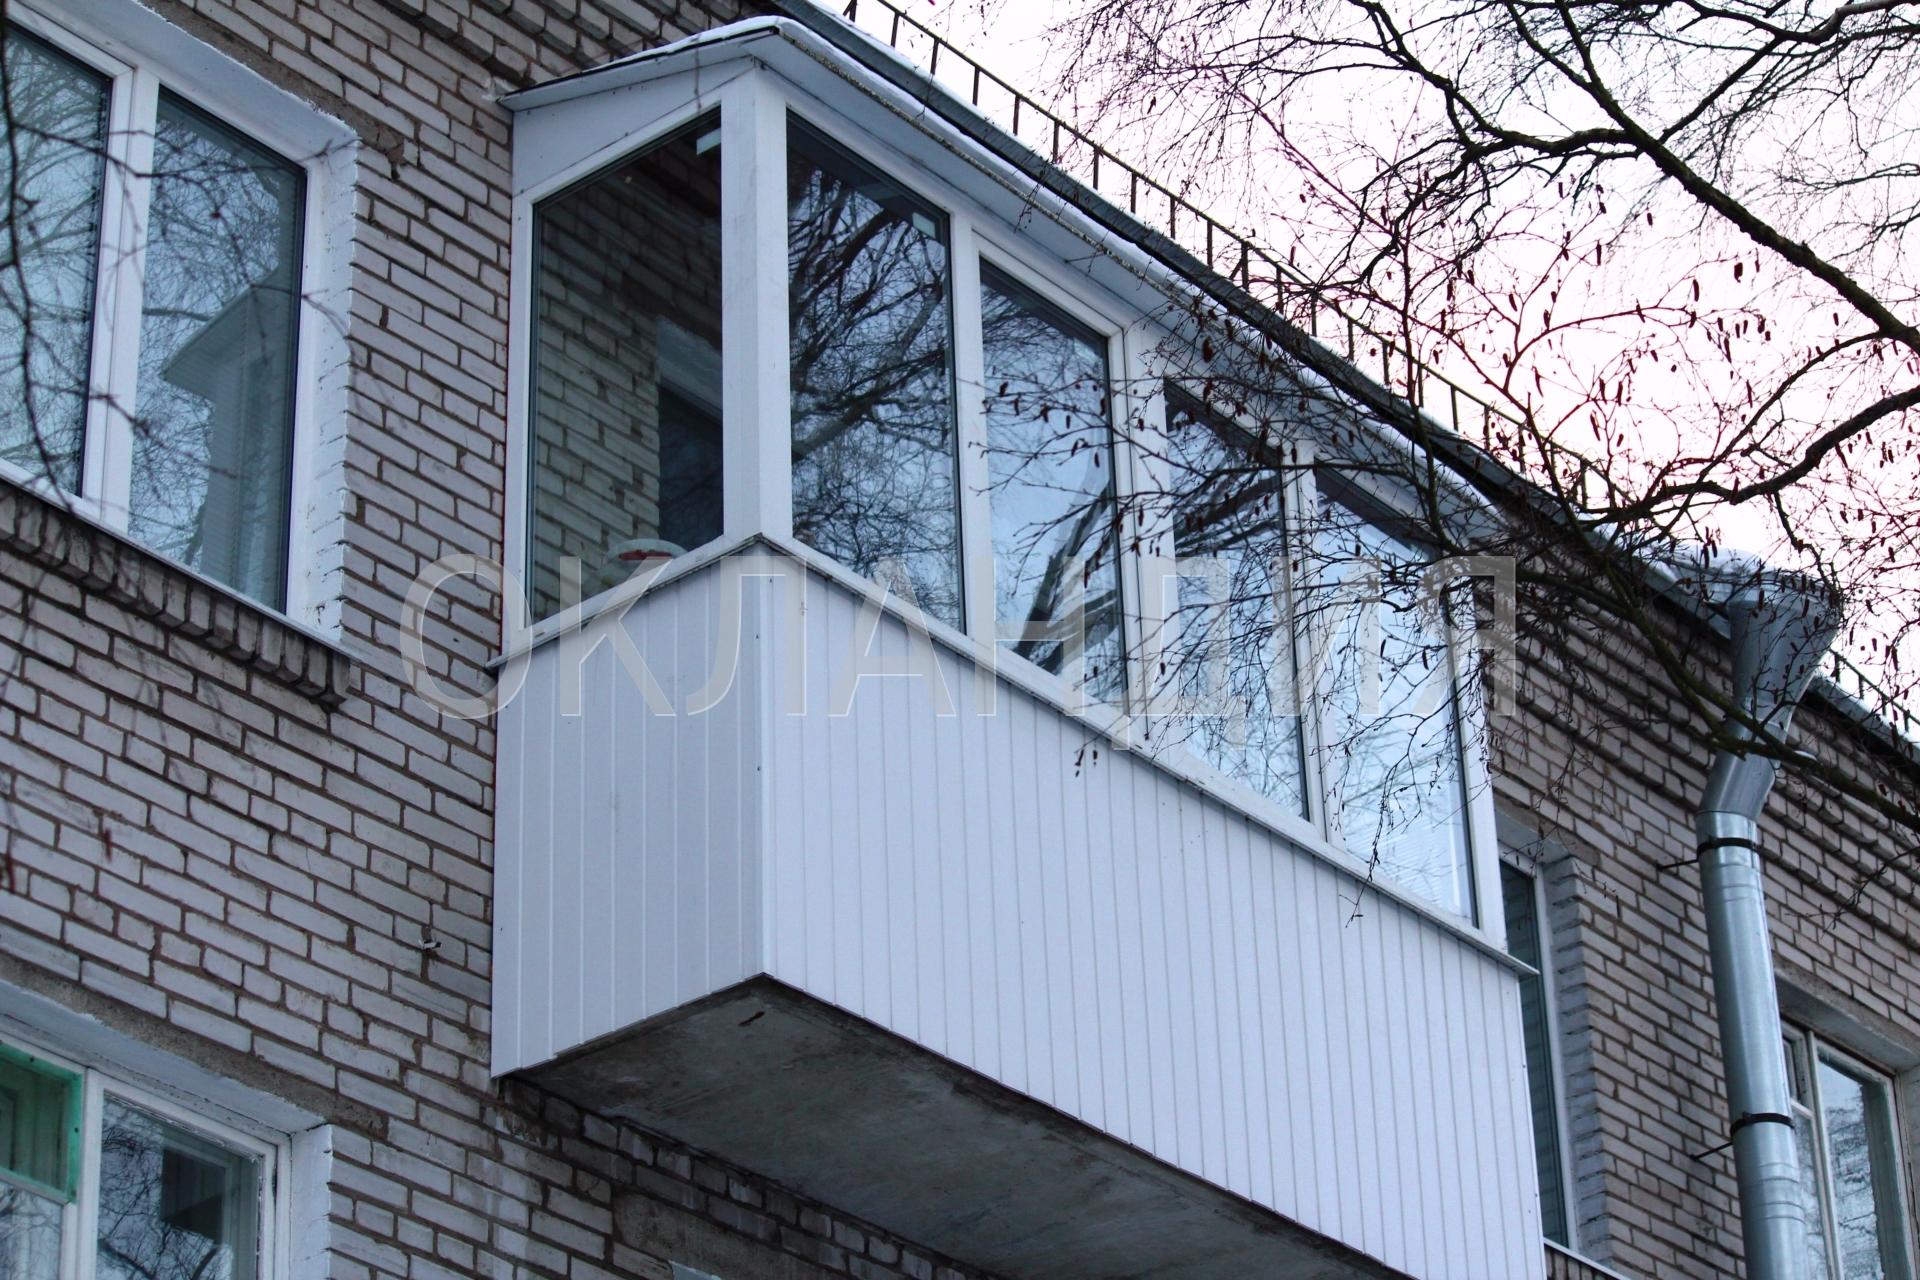 Крыша над балконом в пятиэтажной брежневке.